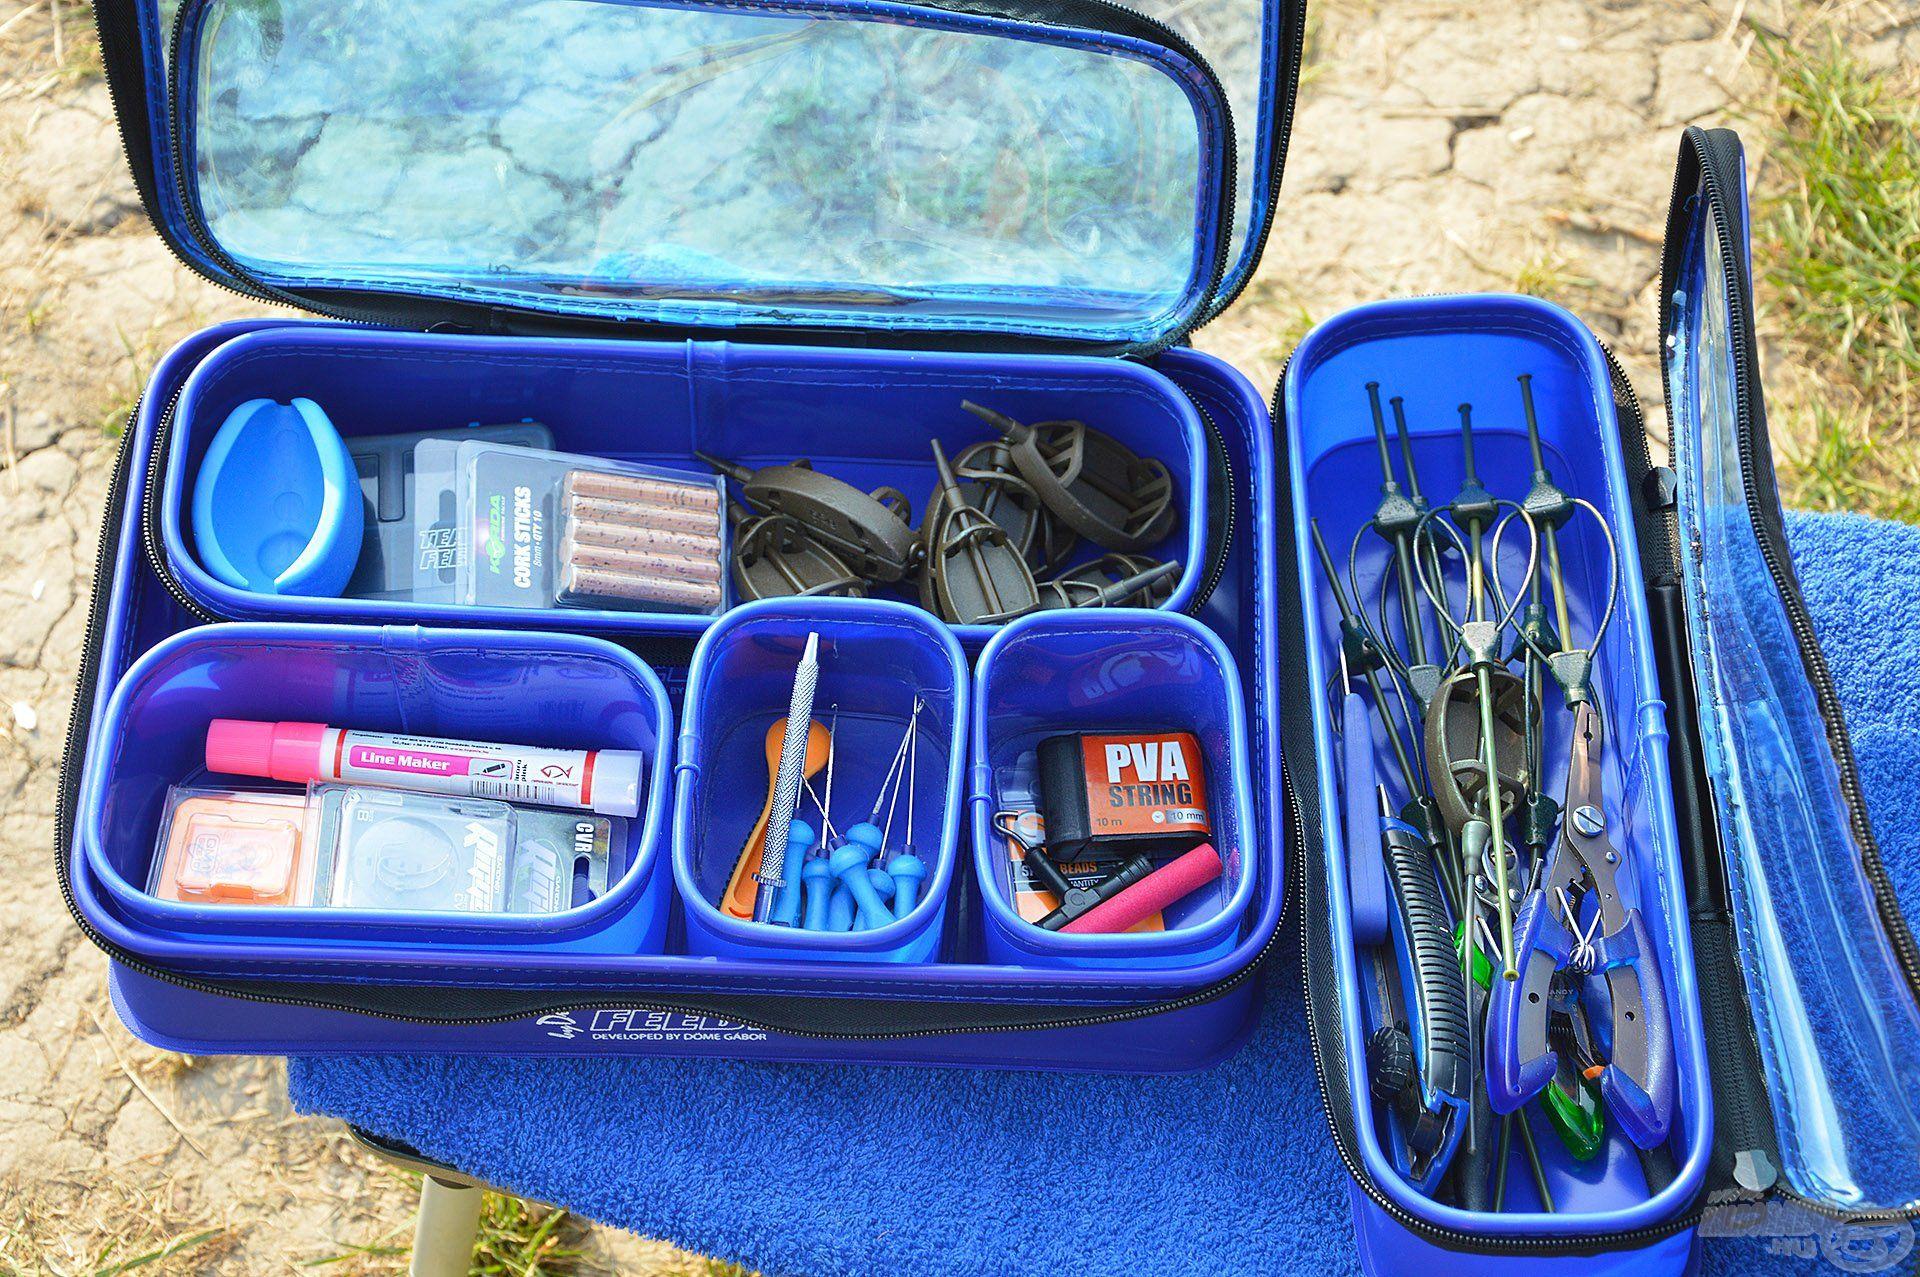 A szett darabjai, illetve a tetővel ellátott tárolók tökéletesen használhatók többek között különféle végszerelék-elemek, kiegészítők tárolásához